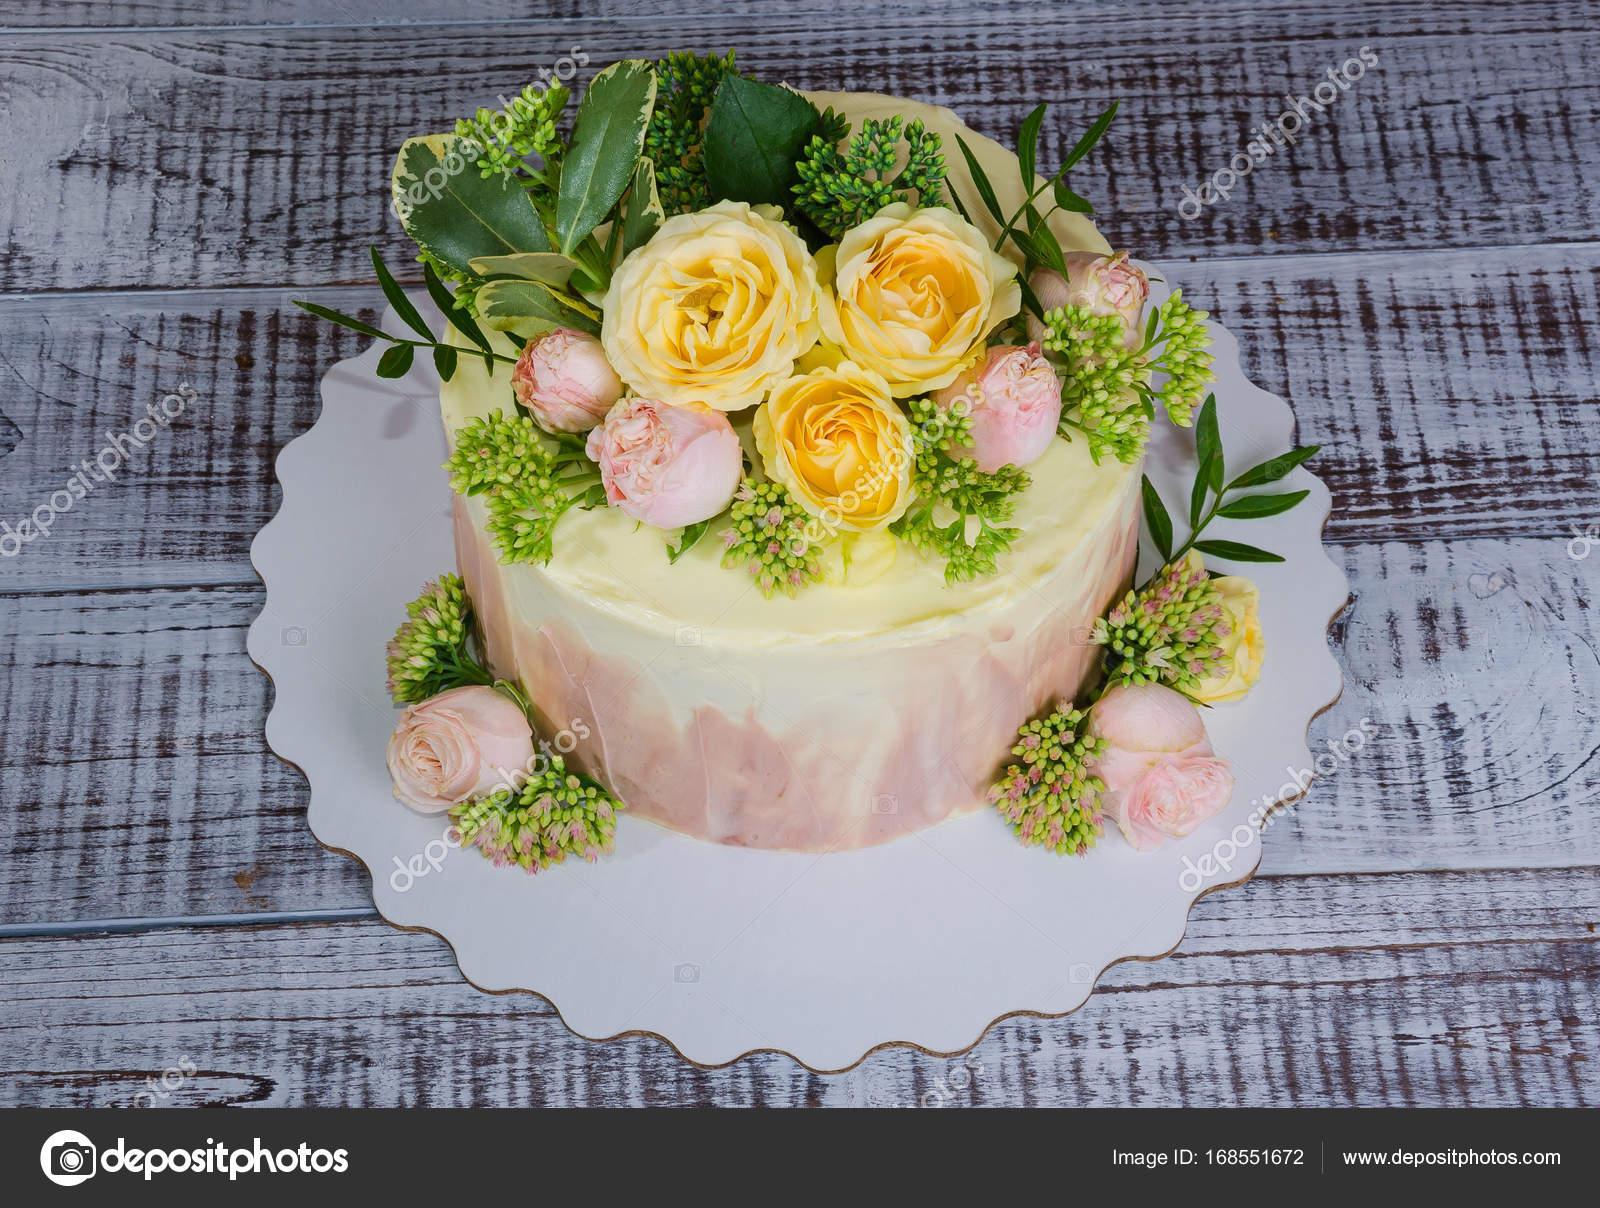 Ombre Hochzeitstorte Verziert Mit Rosen Und Einige Grun Stockfoto